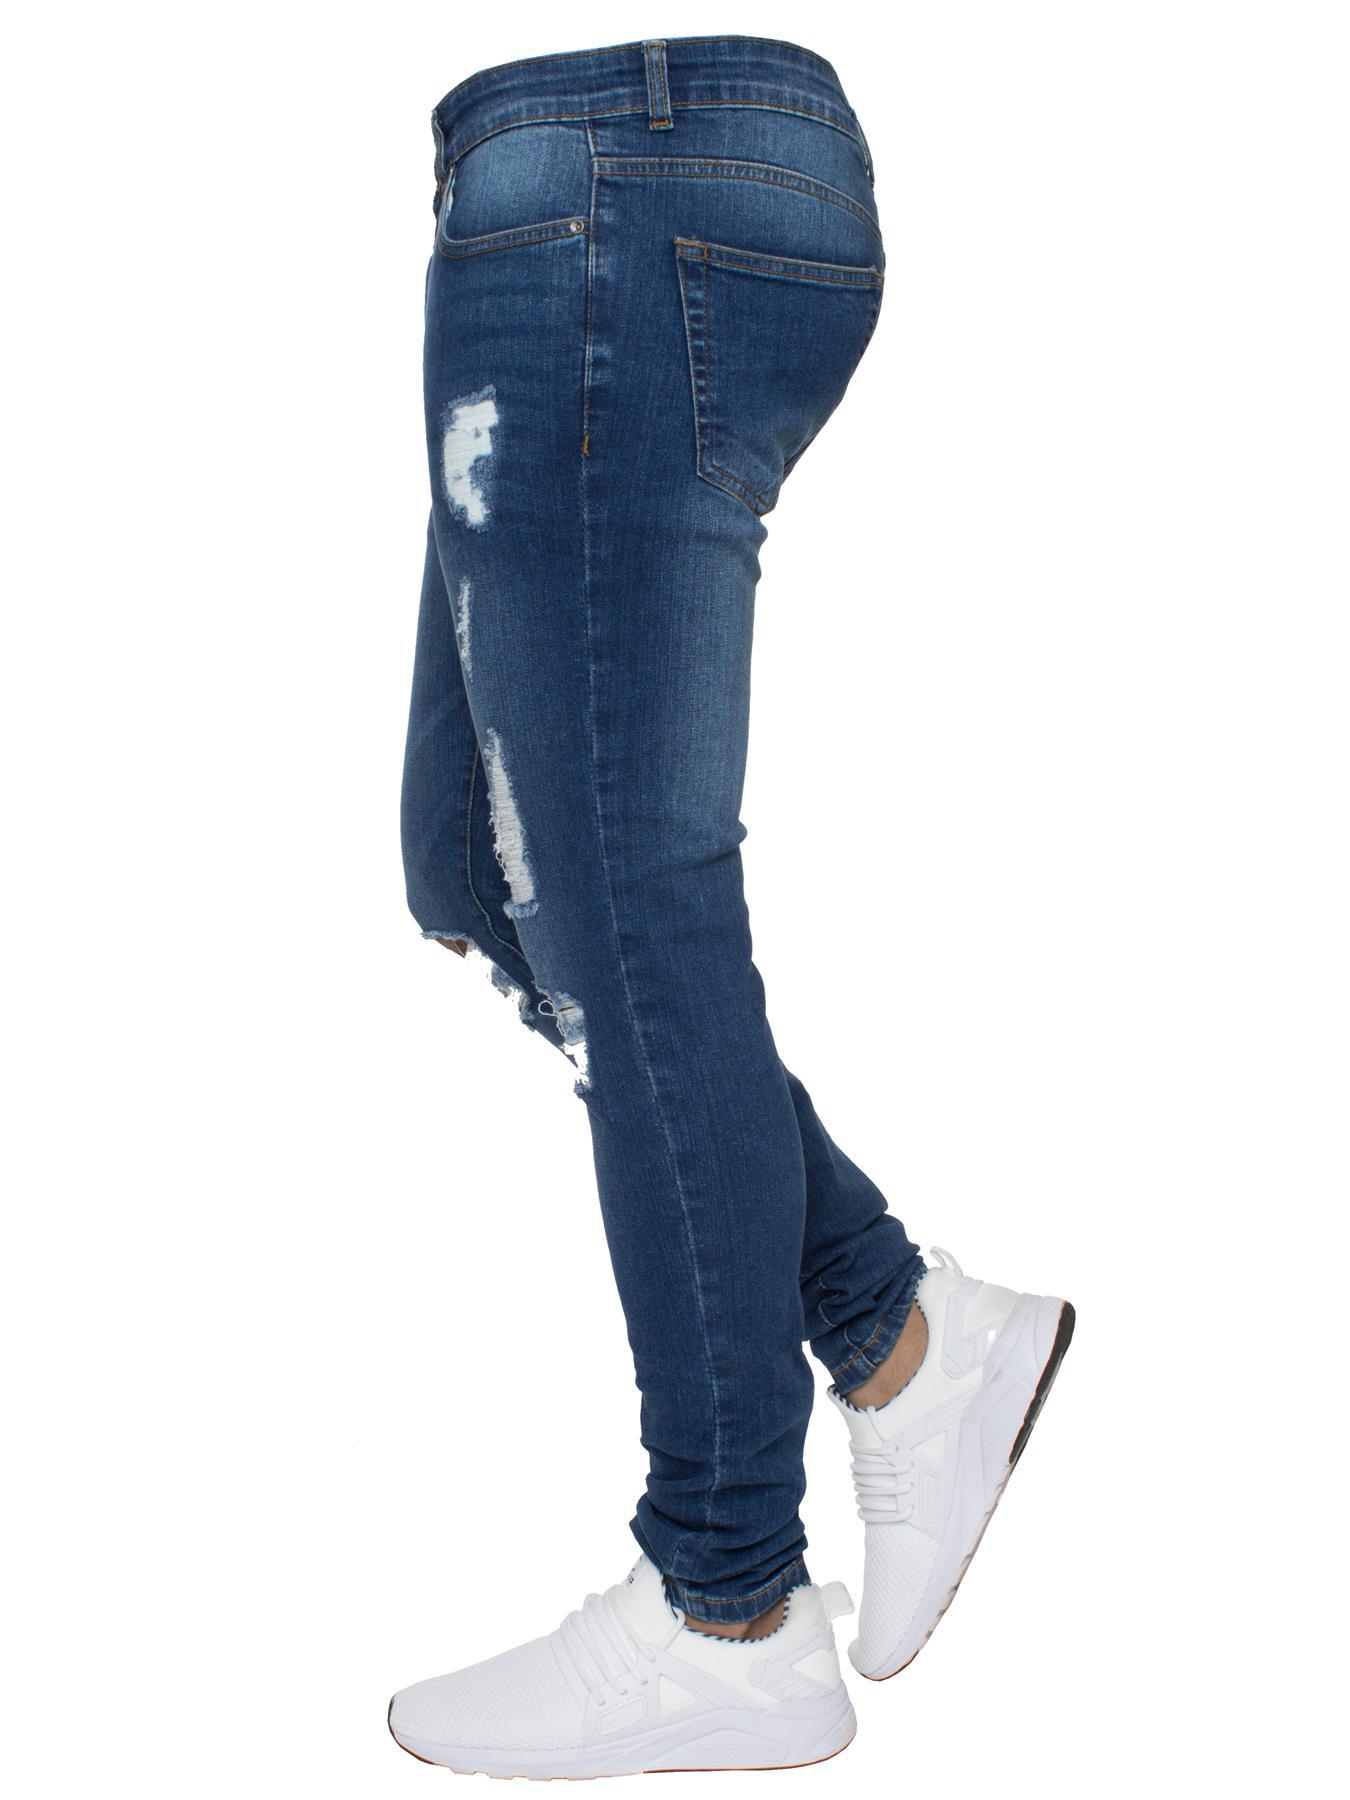 Para-hombre-Super-Skinny-Ripped-Jeans-Pantalones-Ajustados-desgastados-Denim-Envejecido-Todas miniatura 4